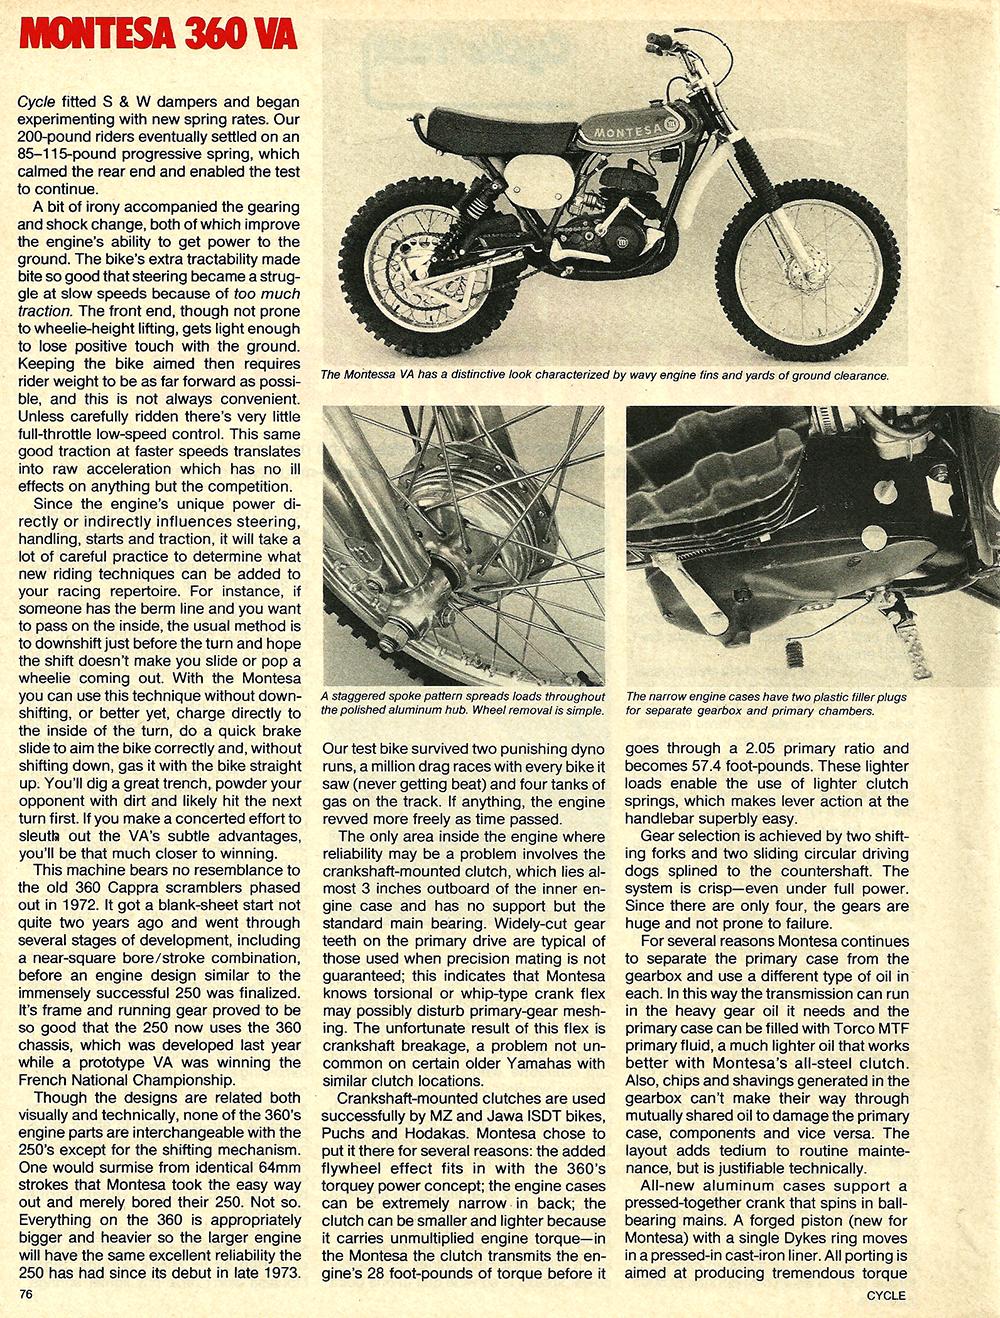 1976 Montesa 360 VA road test 3.jpg